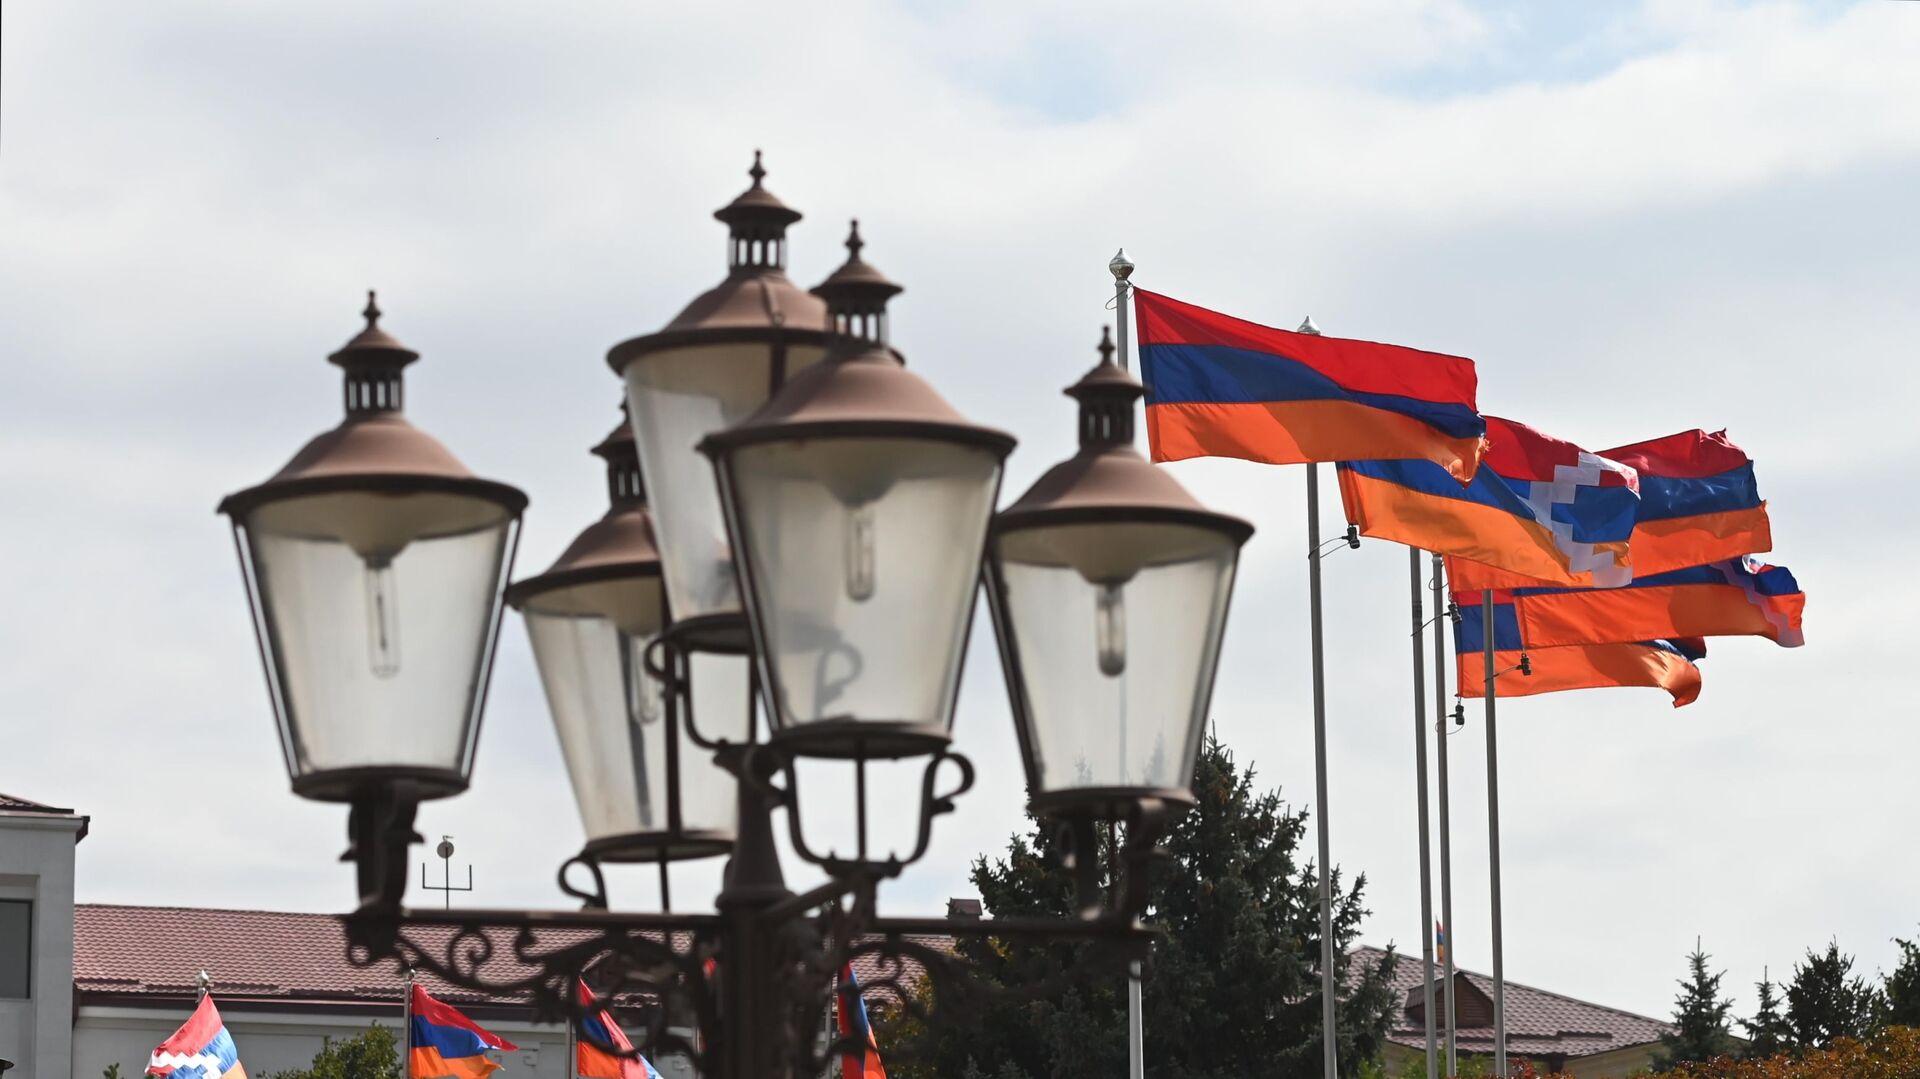 Ermenistan ve Dağlık Karabağ bayrakları - Sputnik Türkiye, 1920, 09.09.2021